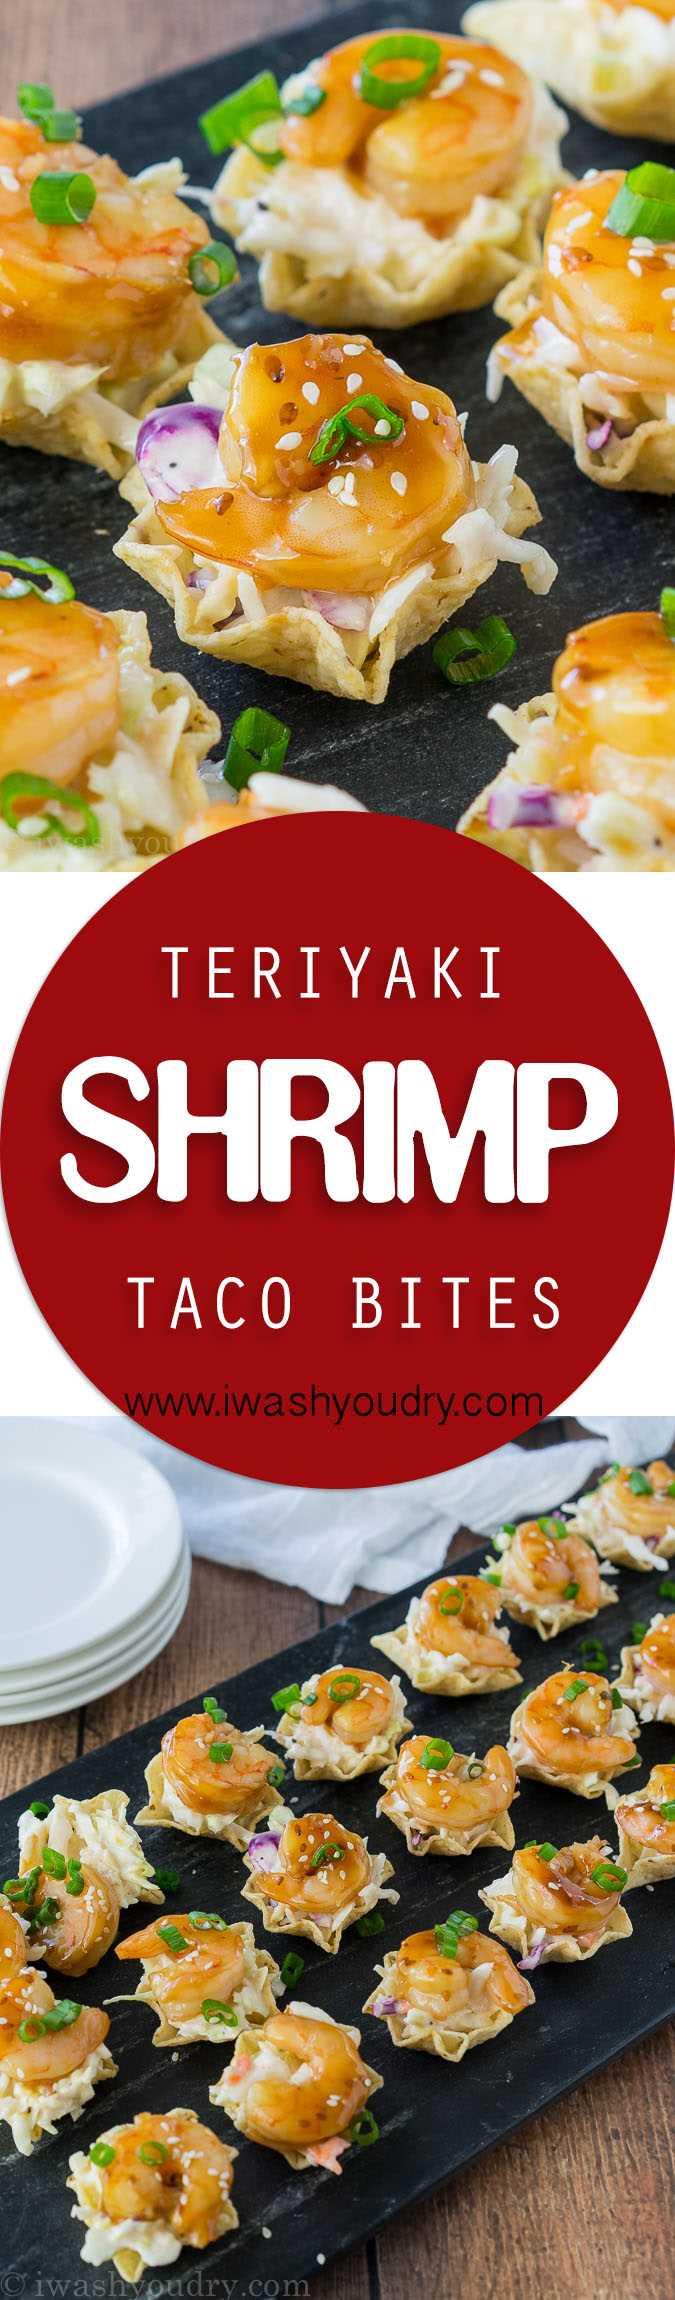 Estas picaduras de taco de camarones Teriyaki son todo lo que te gusta de un taco de camarones, ¡pero en una forma de bocado del tamaño de un bocado! Ensalada de col picante, camarones tiernos y dulces teriyaki y una cucharada crujiente de tortilla. Perfecto para aperitivos!